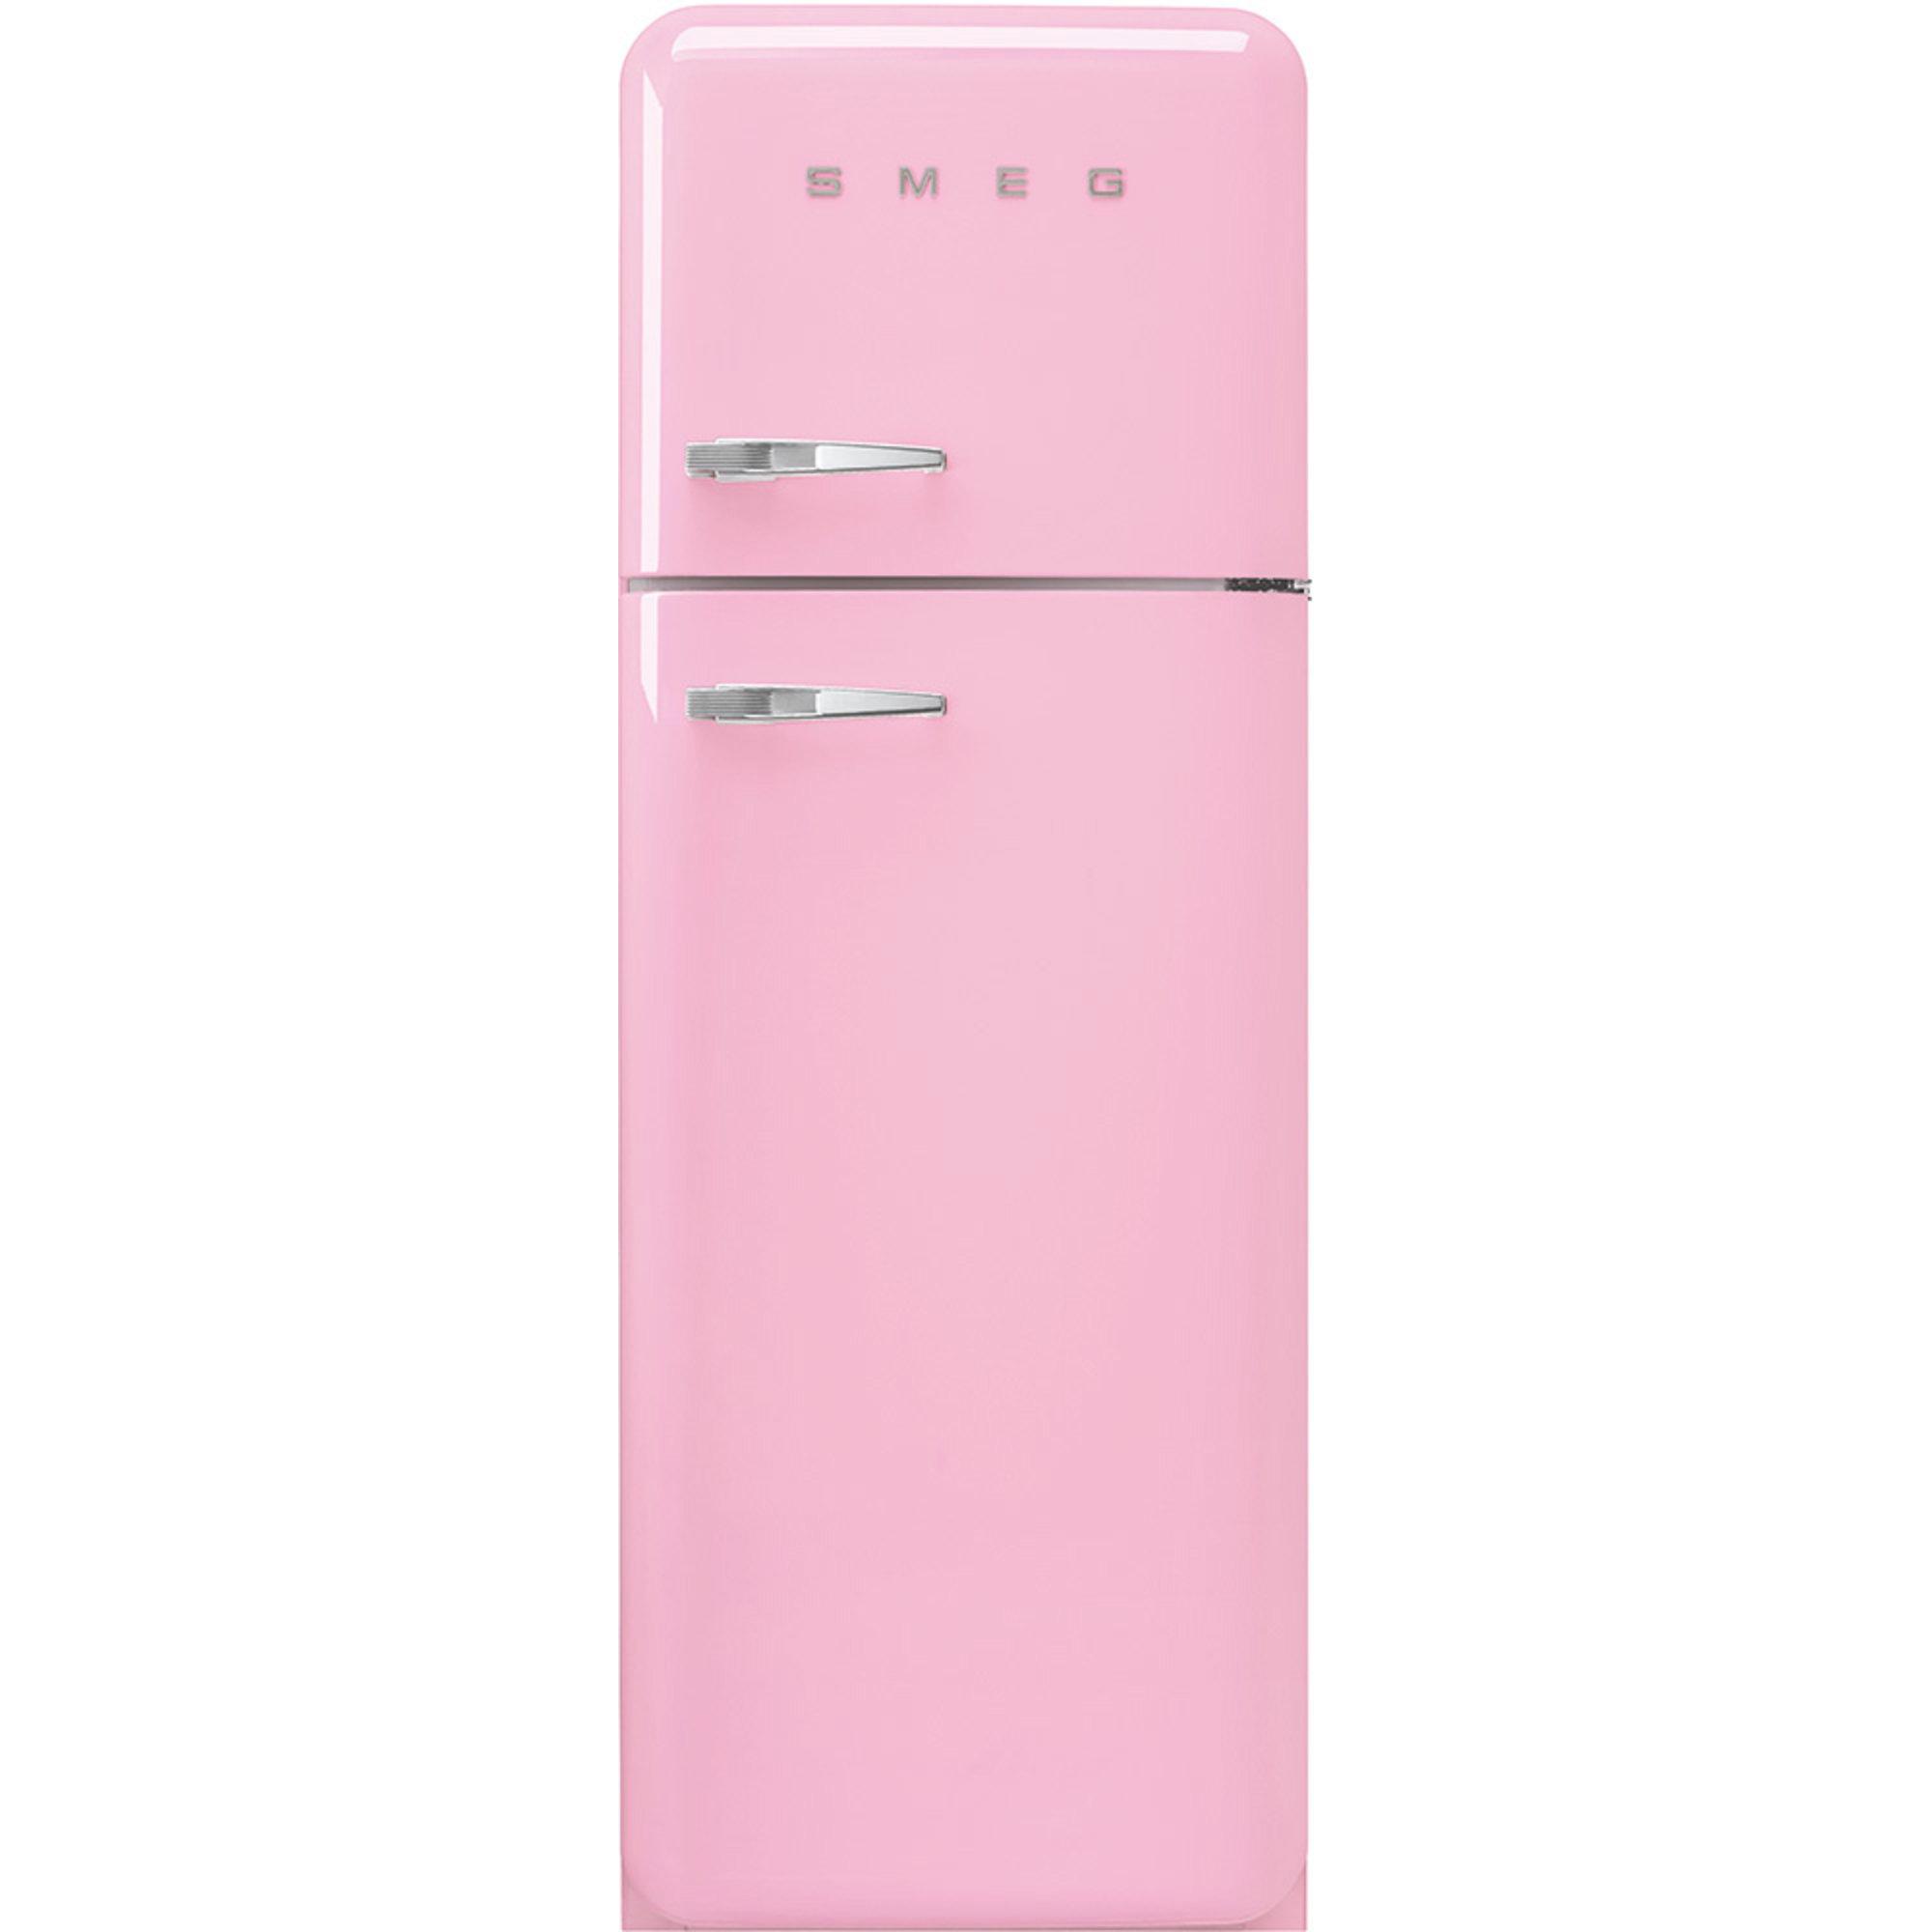 Smeg 172cm Højrehængt Køle/Fryseskab i 50'er Retro Design, Rosa